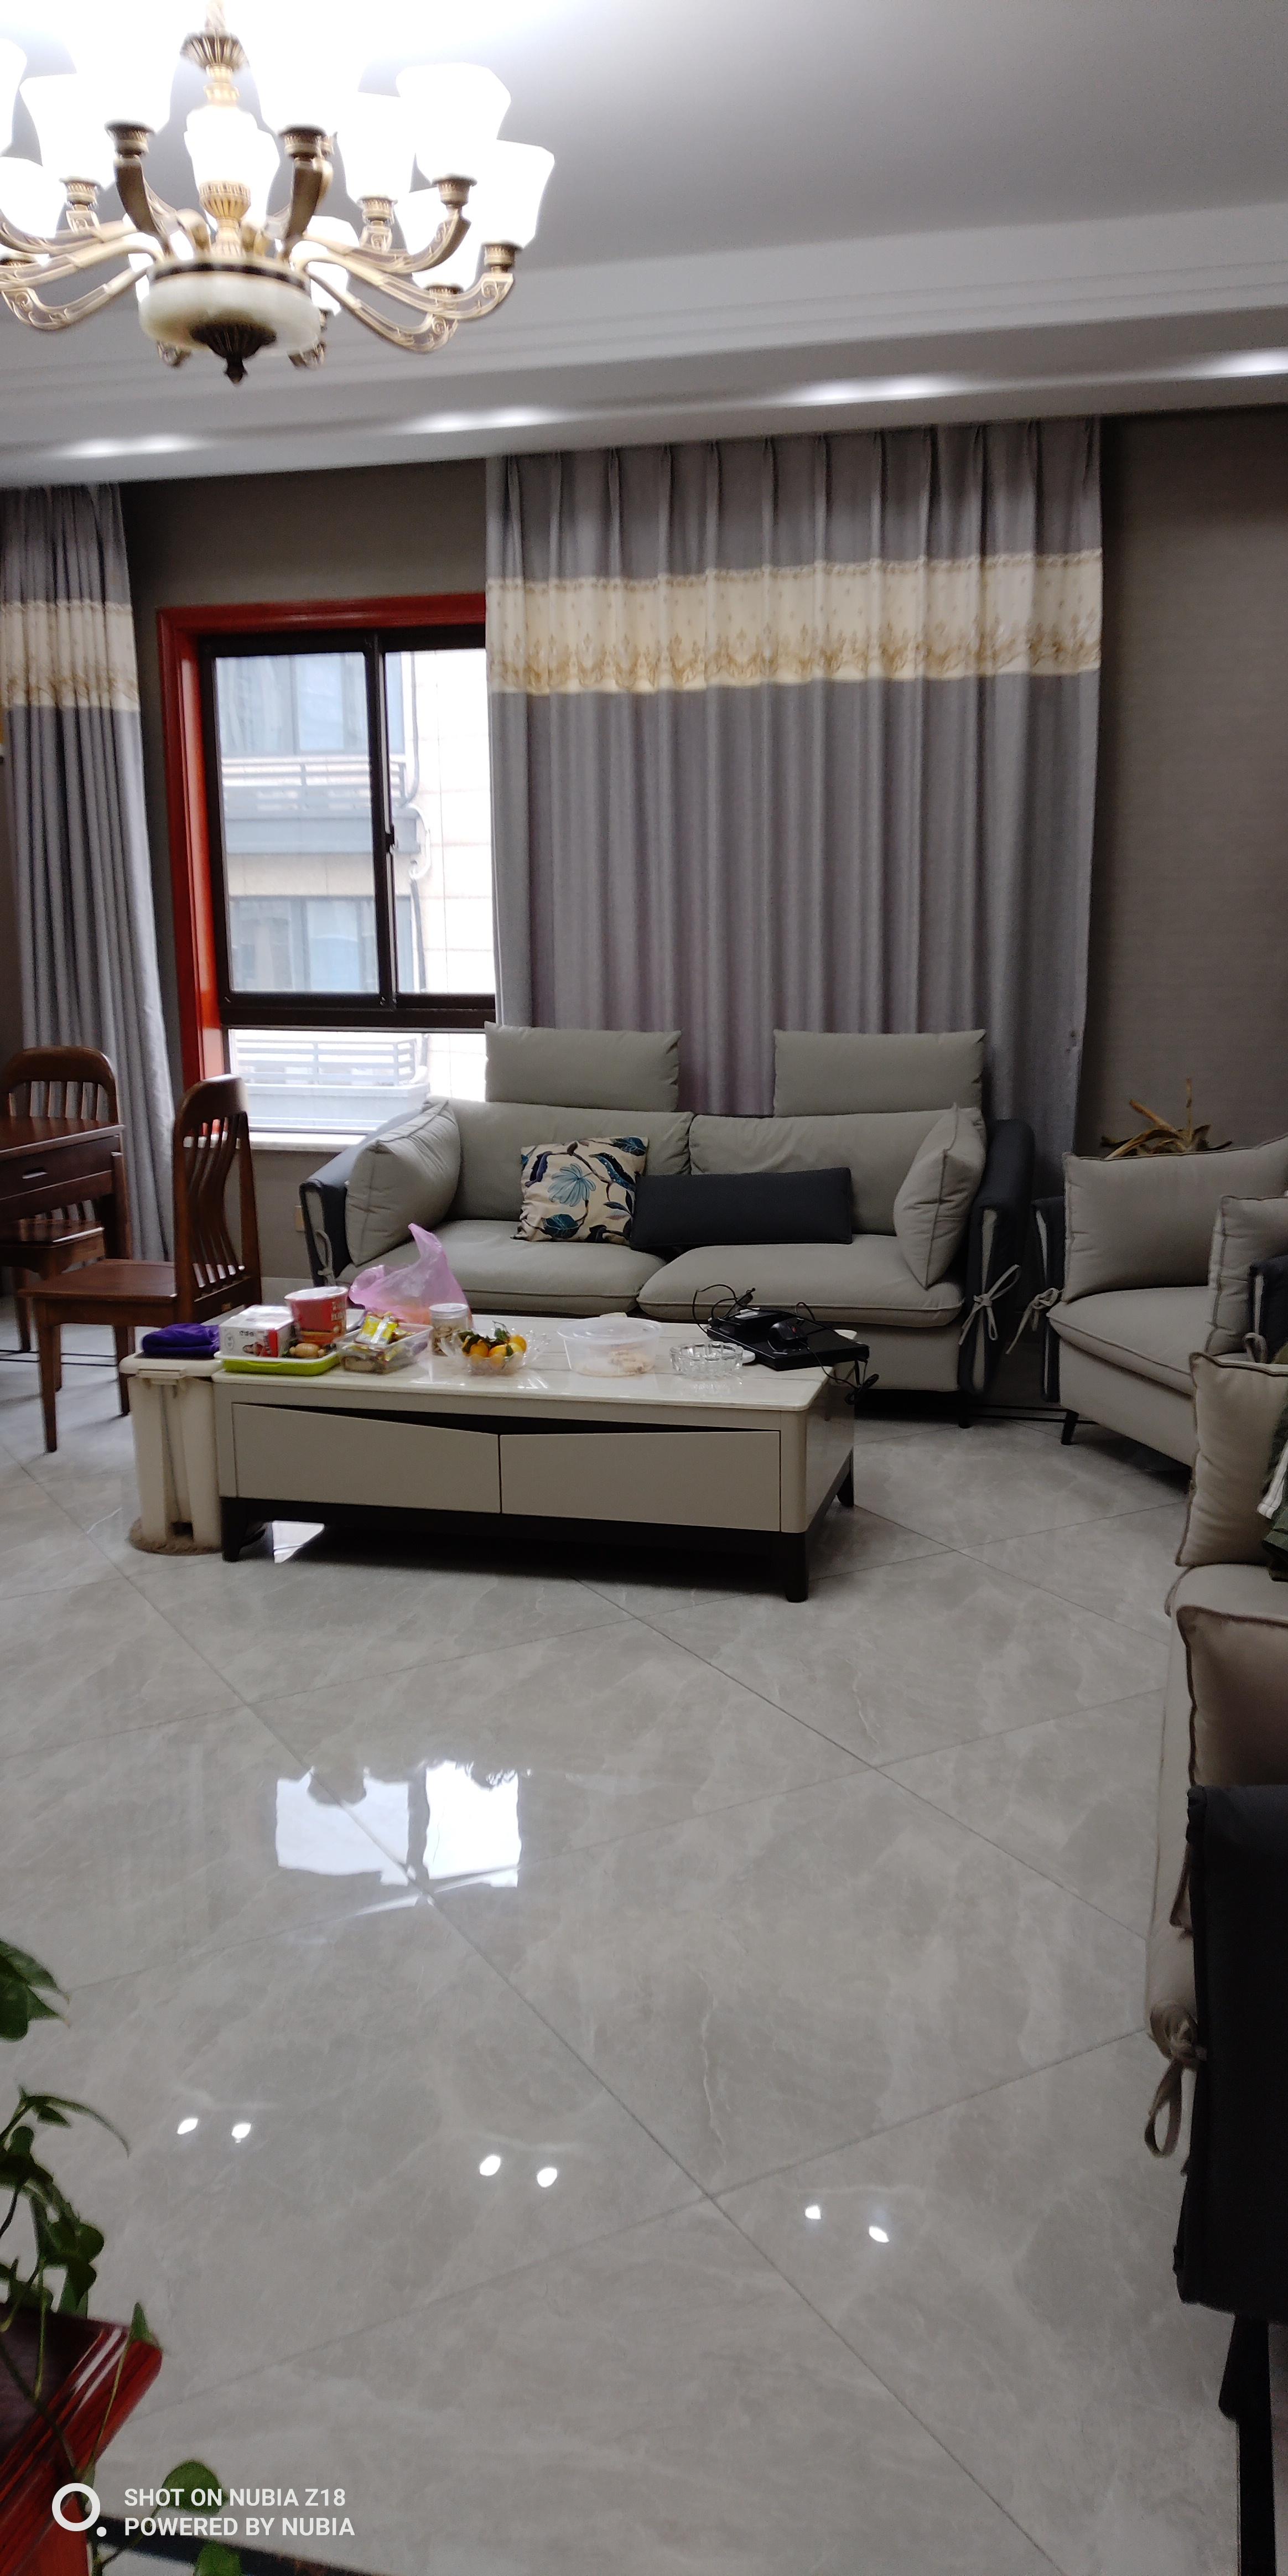 临浦嘉顺中心,装修好一年的房子出售,位置好,小区环境好,交通方便